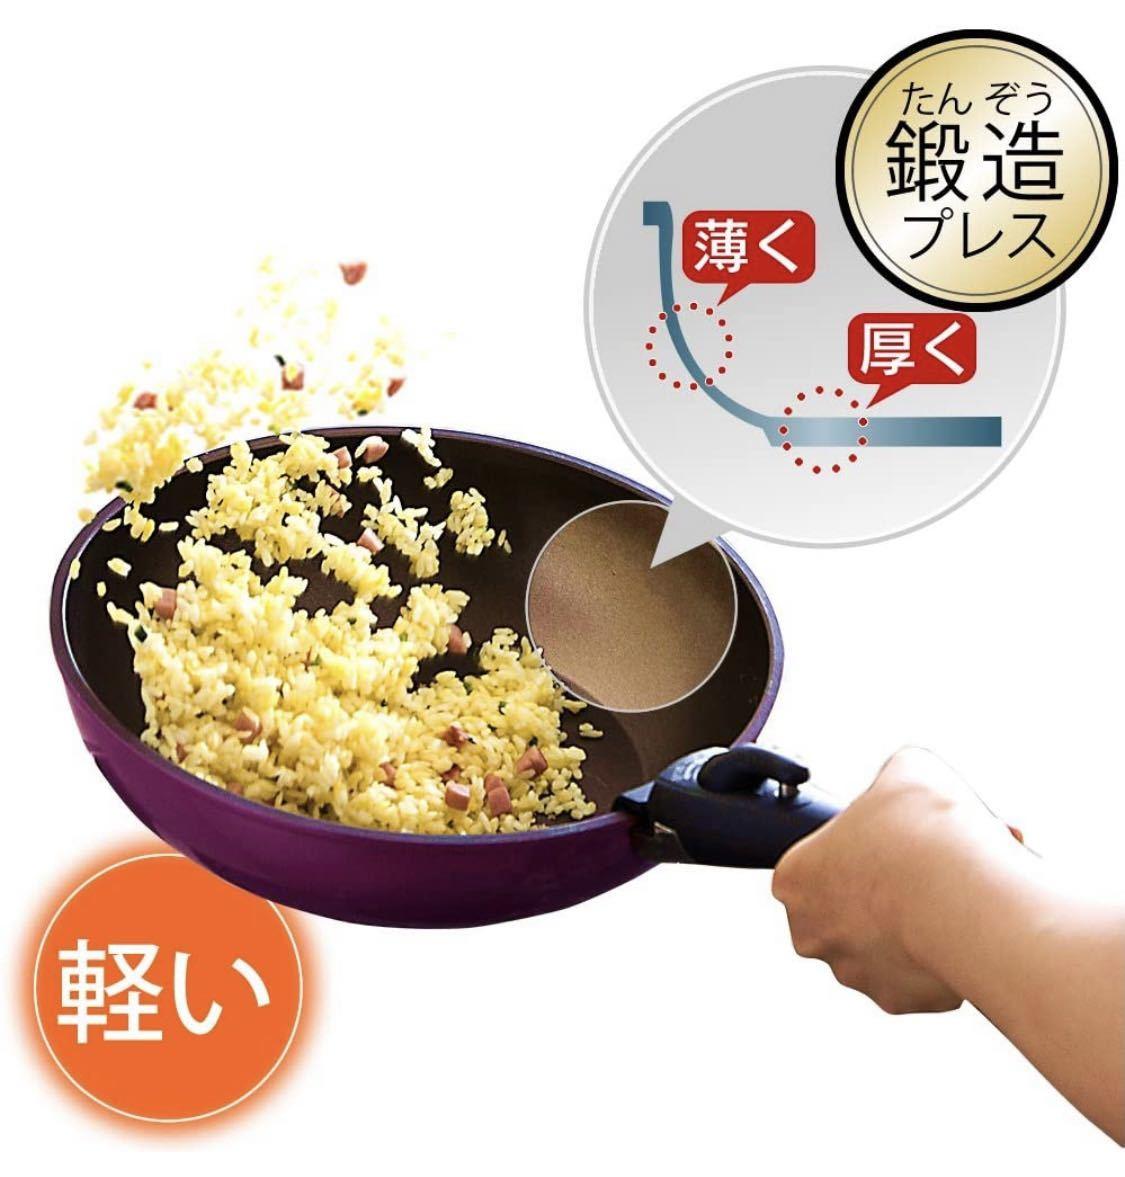 アイリスオーヤマ IH 対応 フライパン 鍋 ダイヤモンドコートパン 20cm 26cm ブルー 13点セット